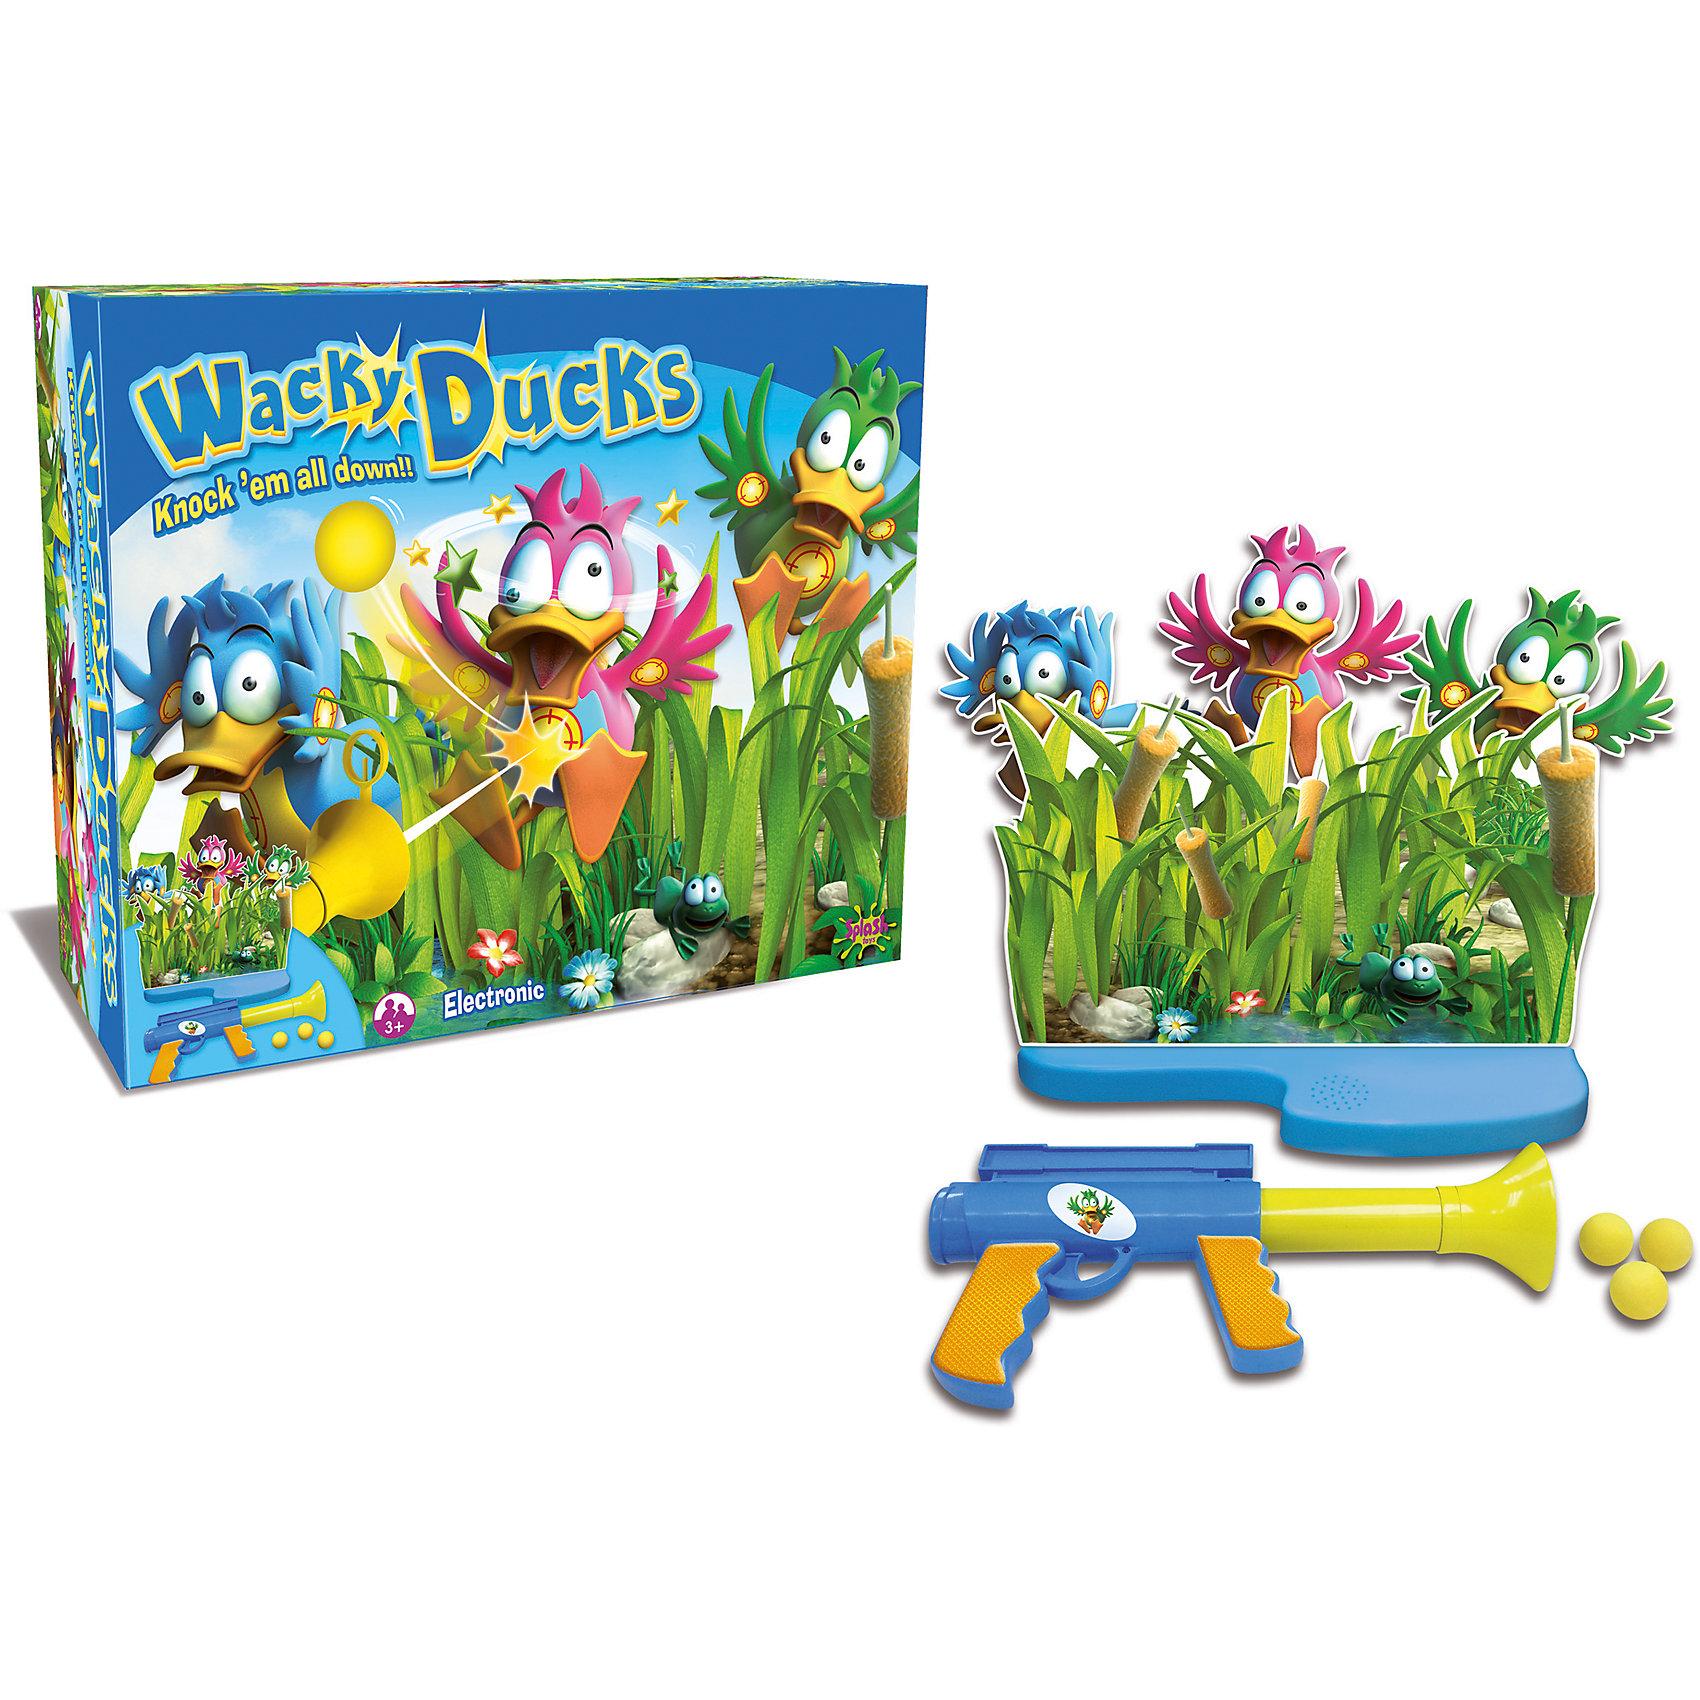 Игра Утиная охота, Splash ToysИгры для развлечений<br>Эта веселая  игра обязательно заинтересует детей. Скорее вооружайся пистолетом и отправляйся на утиную охоту! Притаись и жди: вот-вот из травы выглянет шустрая утка, остается только прицелиться и выстрелить. Все детали набора выполнены из высококачественных материалов, безопасны для детей. Пистолет стреляет мягкими шариками. Веселая игра надолго увлечет ребенка и поможет развить ему внимание, скорость реакции и меткость. <br><br>Дополнительная информация:<br><br>- Материал: пластик, картон.<br>- Размер: 34,7x16,2x26,7 см<br>- Безопасные мягкие пули.<br>- Звуковые, световые эффекты. <br>- Элемент питания: 3 ААА батарейки (не входят в комплект).<br>- Комплектация: электронное основание, картонная декорация, двигающиеся утки 3 шт., мячи 3 шт., ружьё, инструкция.<br><br>Игру Утиная охота, Splash Toys, можно купить в нашем магазине.<br><br>Ширина мм: 347<br>Глубина мм: 162<br>Высота мм: 267<br>Вес г: 900<br>Возраст от месяцев: 36<br>Возраст до месяцев: 168<br>Пол: Унисекс<br>Возраст: Детский<br>SKU: 4377570